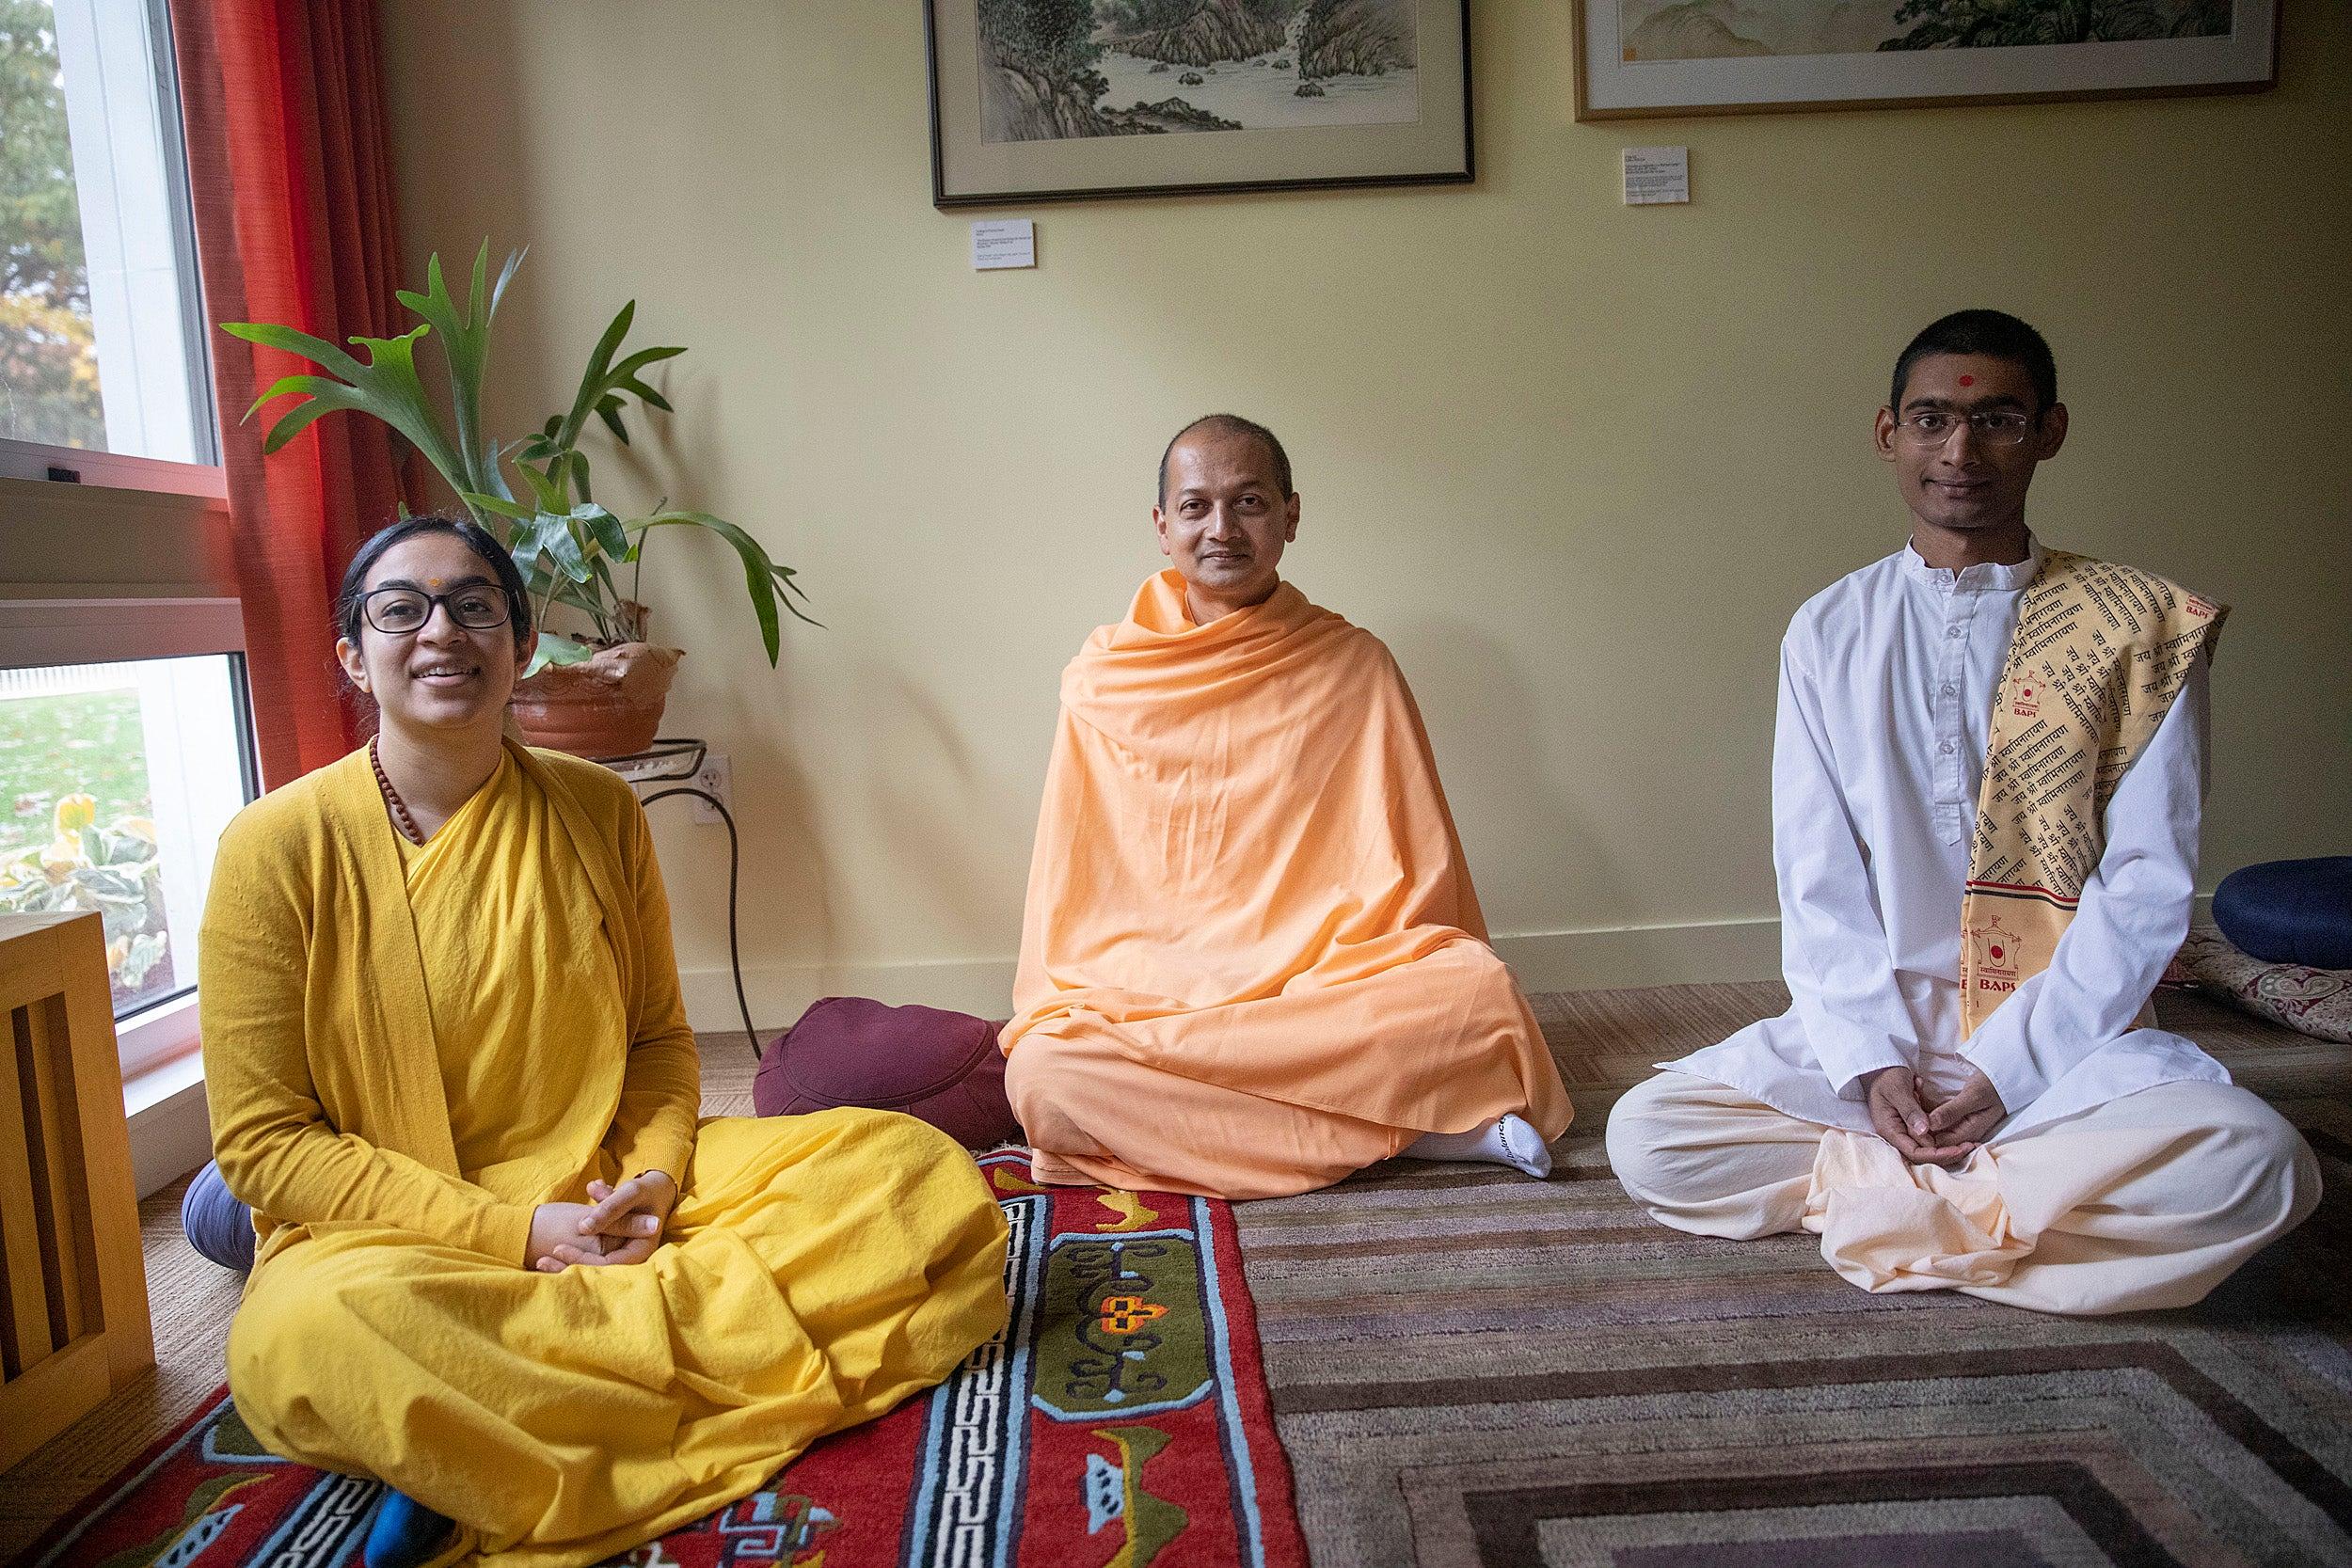 Three Hindu monastics at Harvard Divinity School, all seated.